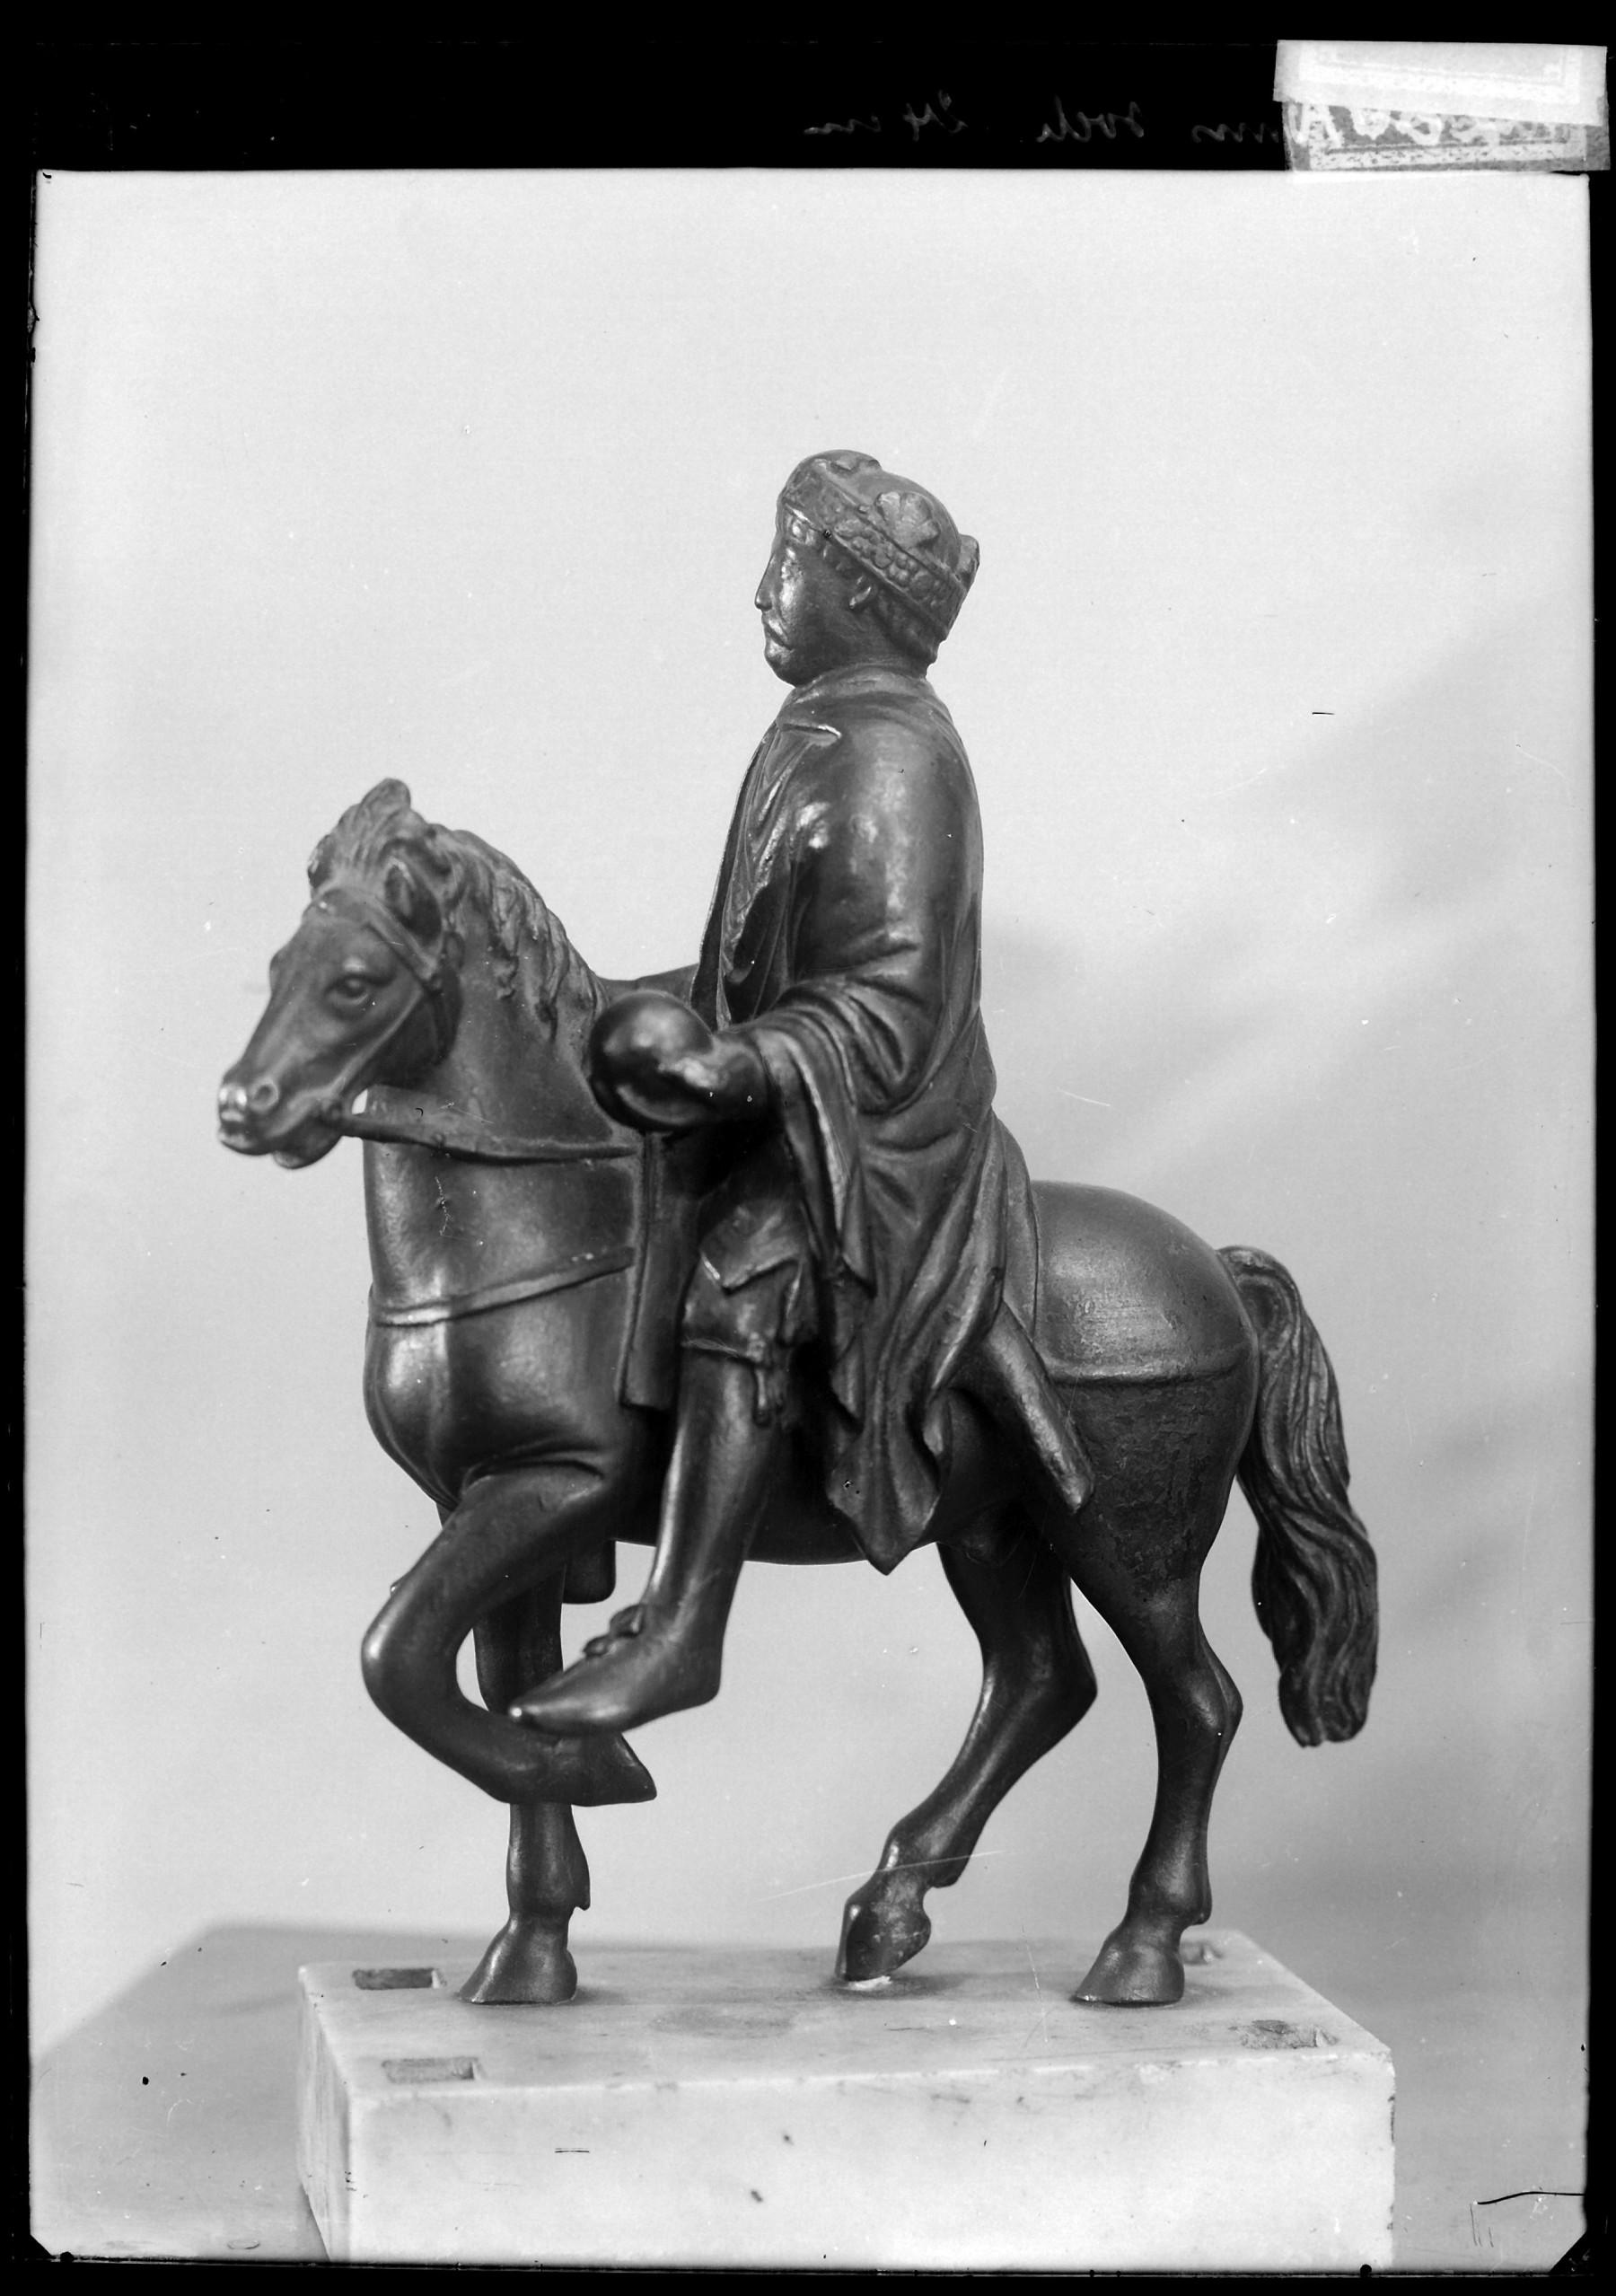 Contenu du La statuette équestre dite de Charlemagne